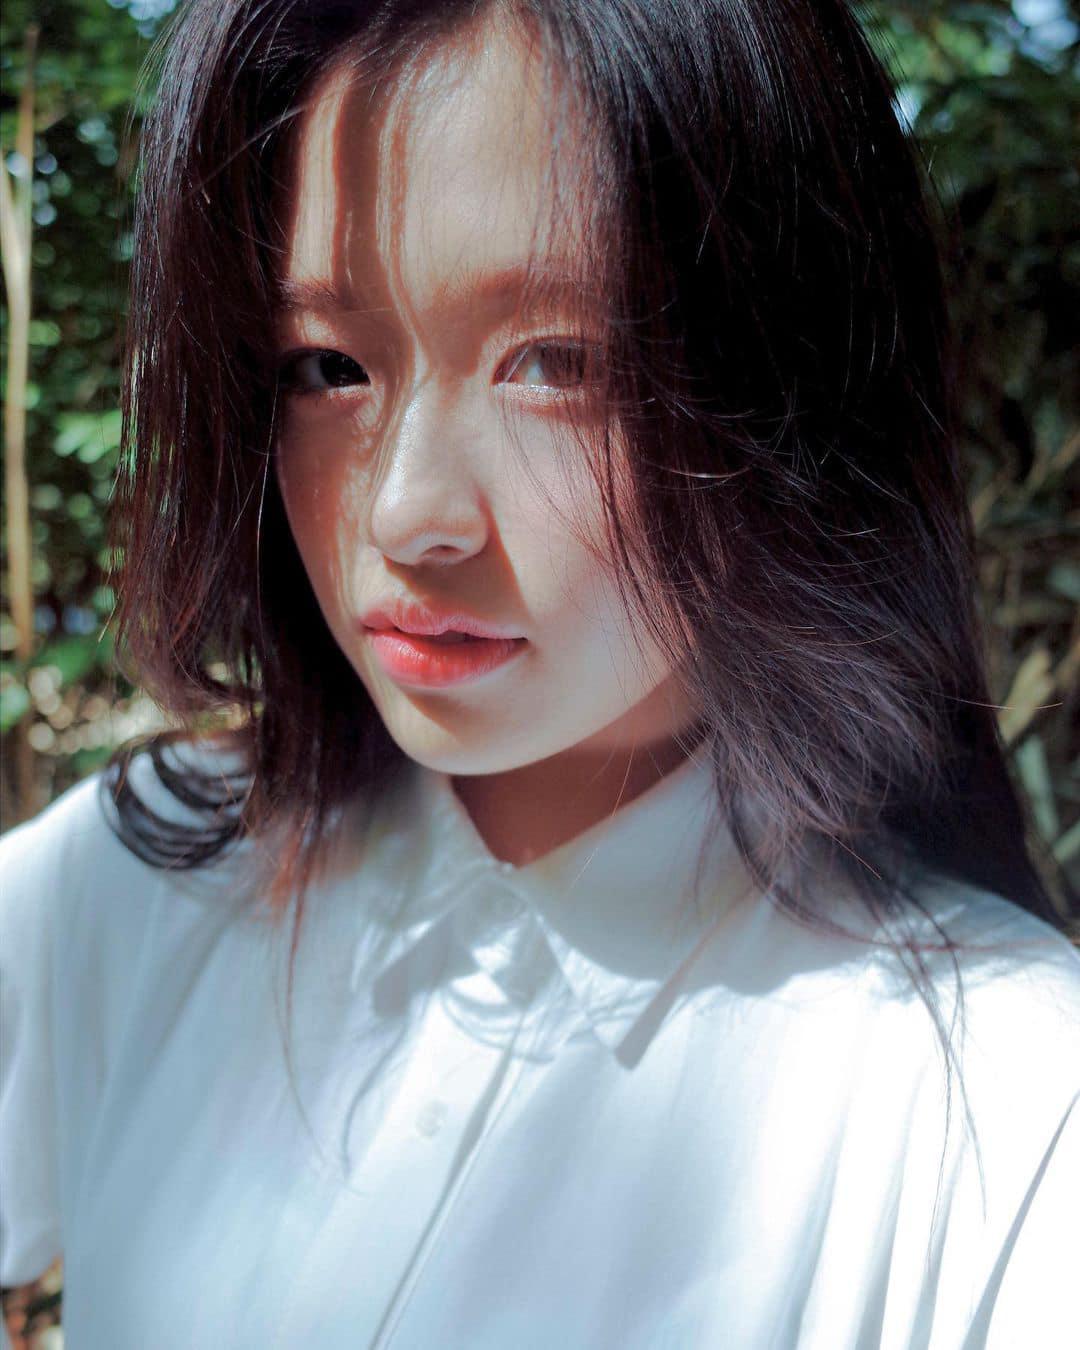 Trái ngược với Jang Won Young, Ahn Yu Jin lại nhận được nhiều bình luận tích cực bởi vẻ đẹp thuần khiết, trong sáng như tình đầu trong các bức ảnh trên Instagram.